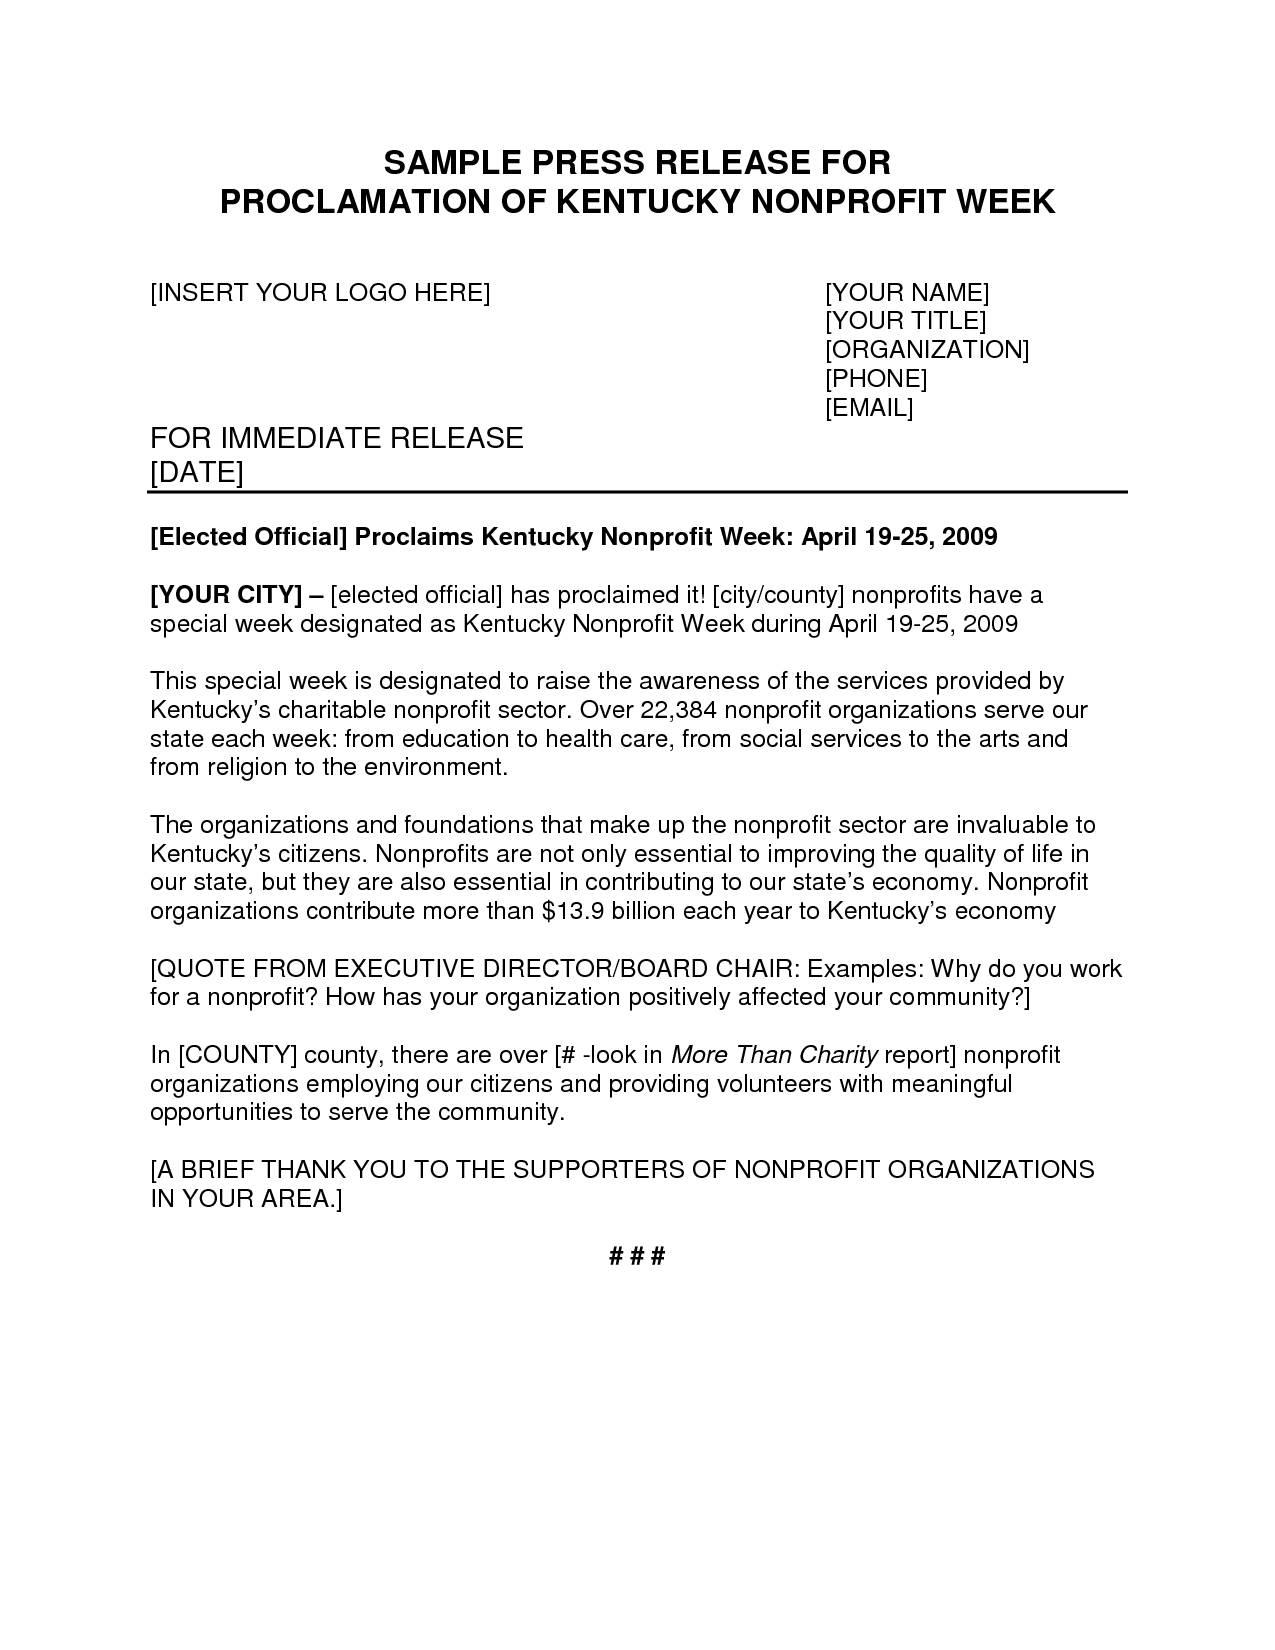 Non Profit Press Release Example